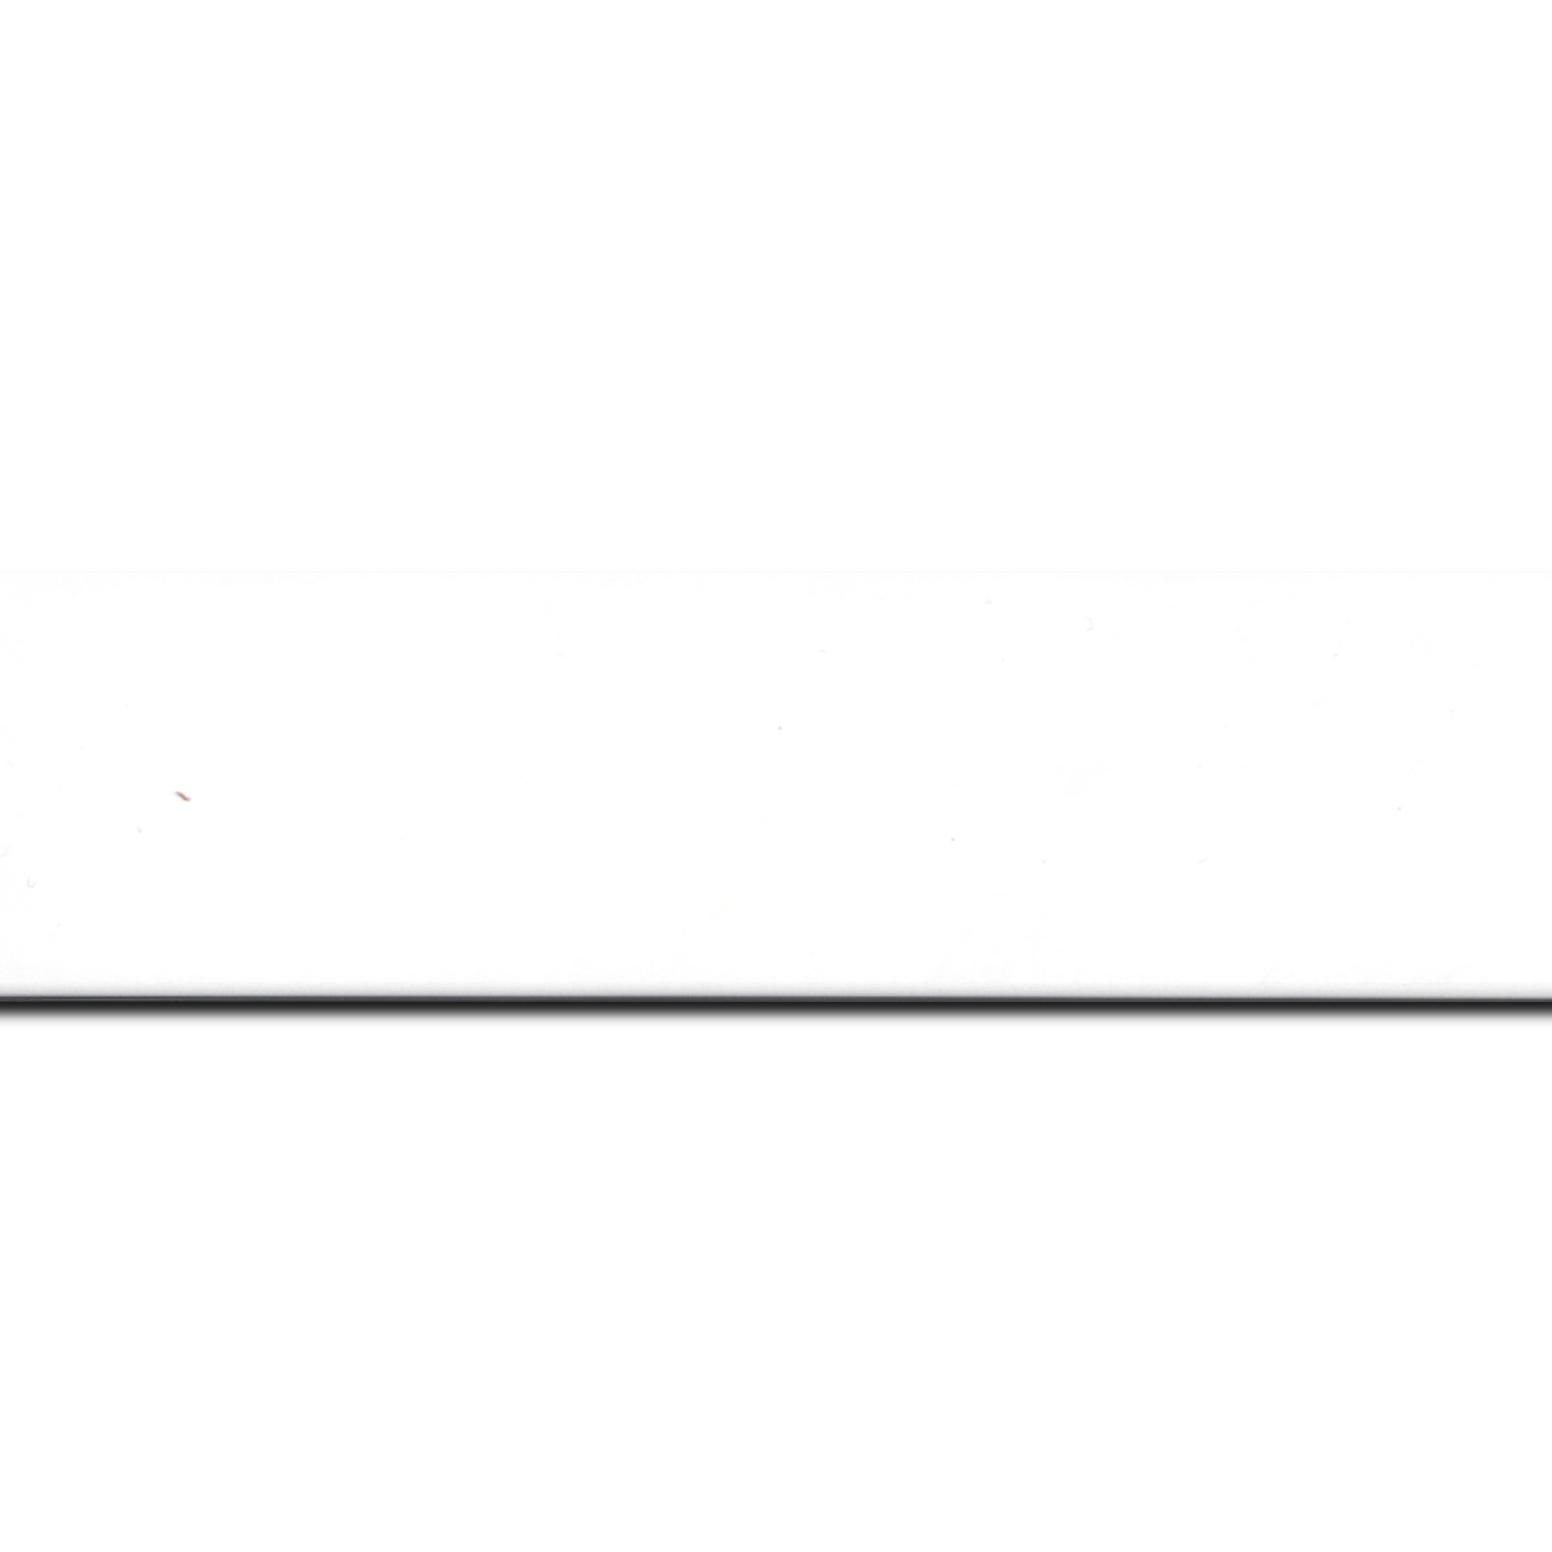 Baguette longueur 1.40m bois profil plat largeur 4.1cm couleur blanc mat finition pore bouché